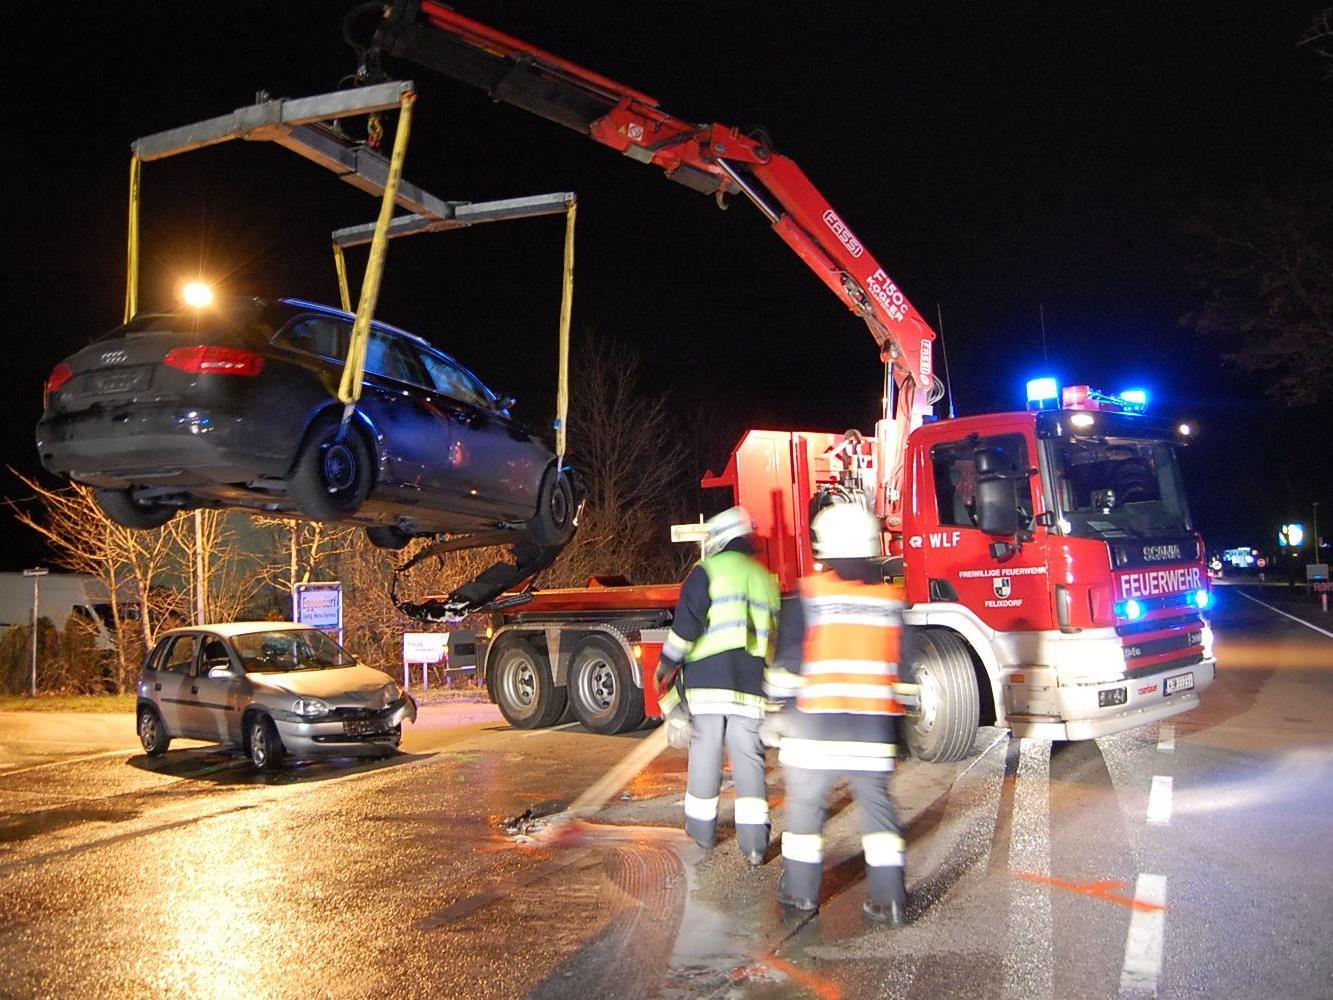 Missachteter Vorrang forderte zwei Verletzte und zwei schwer beschädigte Autos.